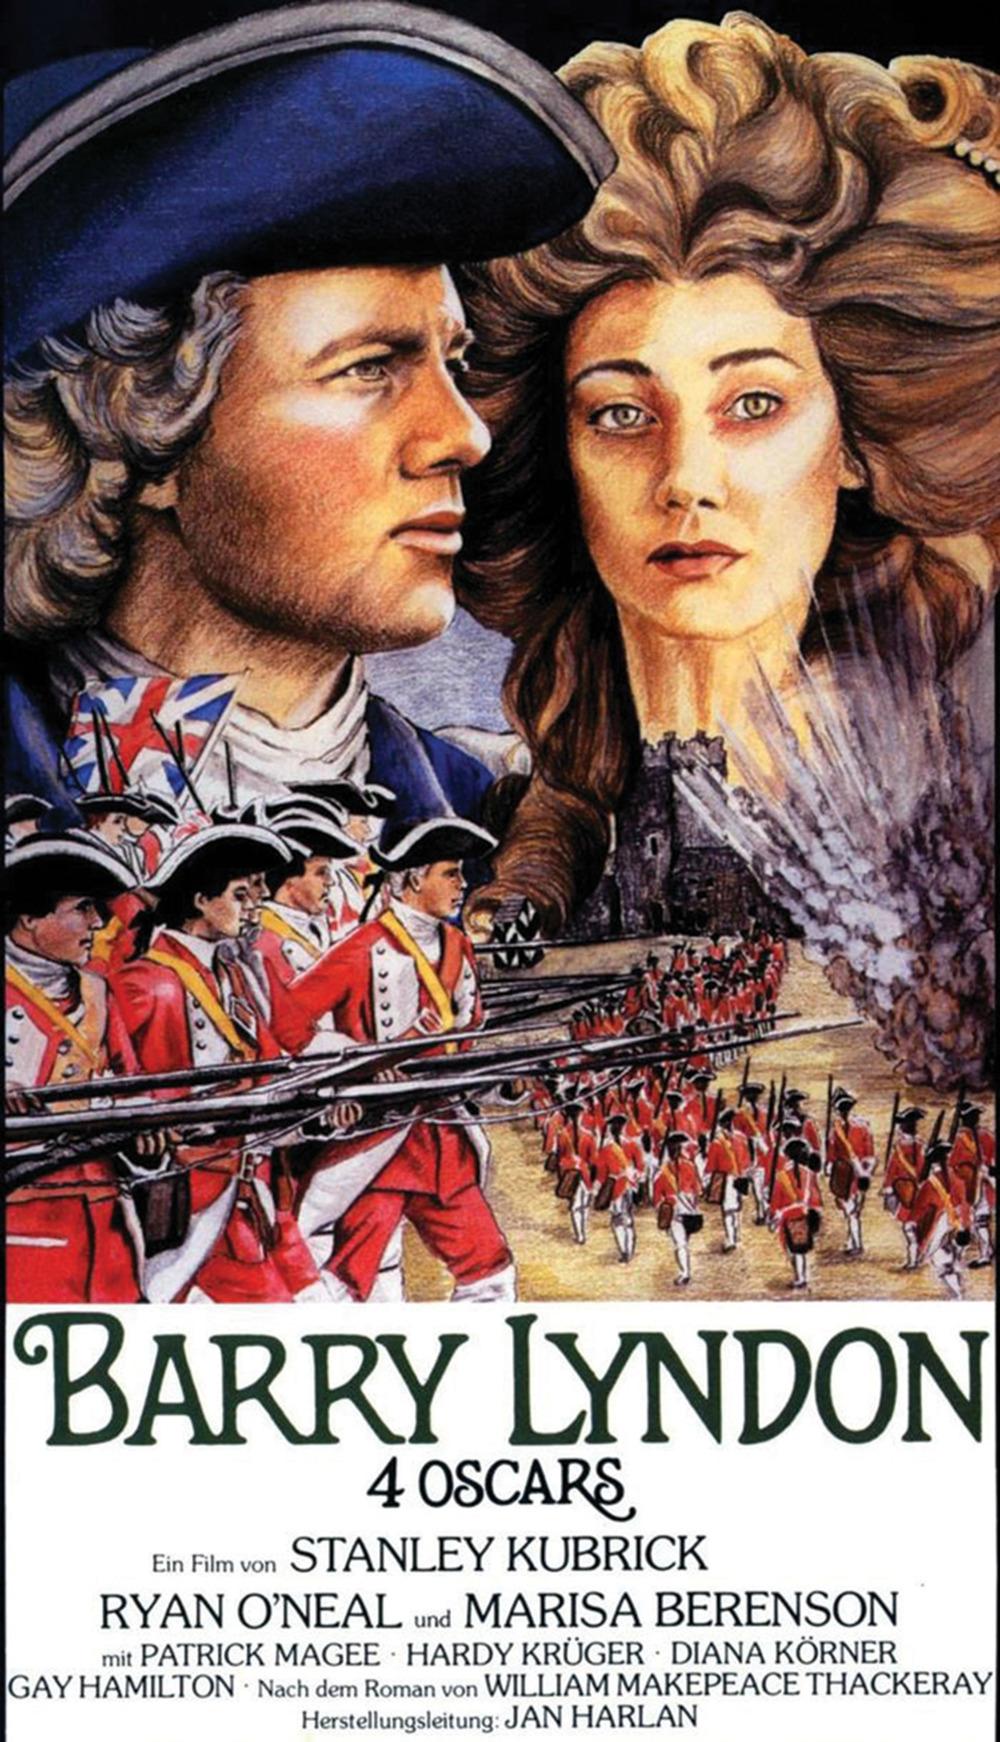 Barry_Lyndon_1975__Movie_Poster_5_dcjvq_movieposters101(com).jpg